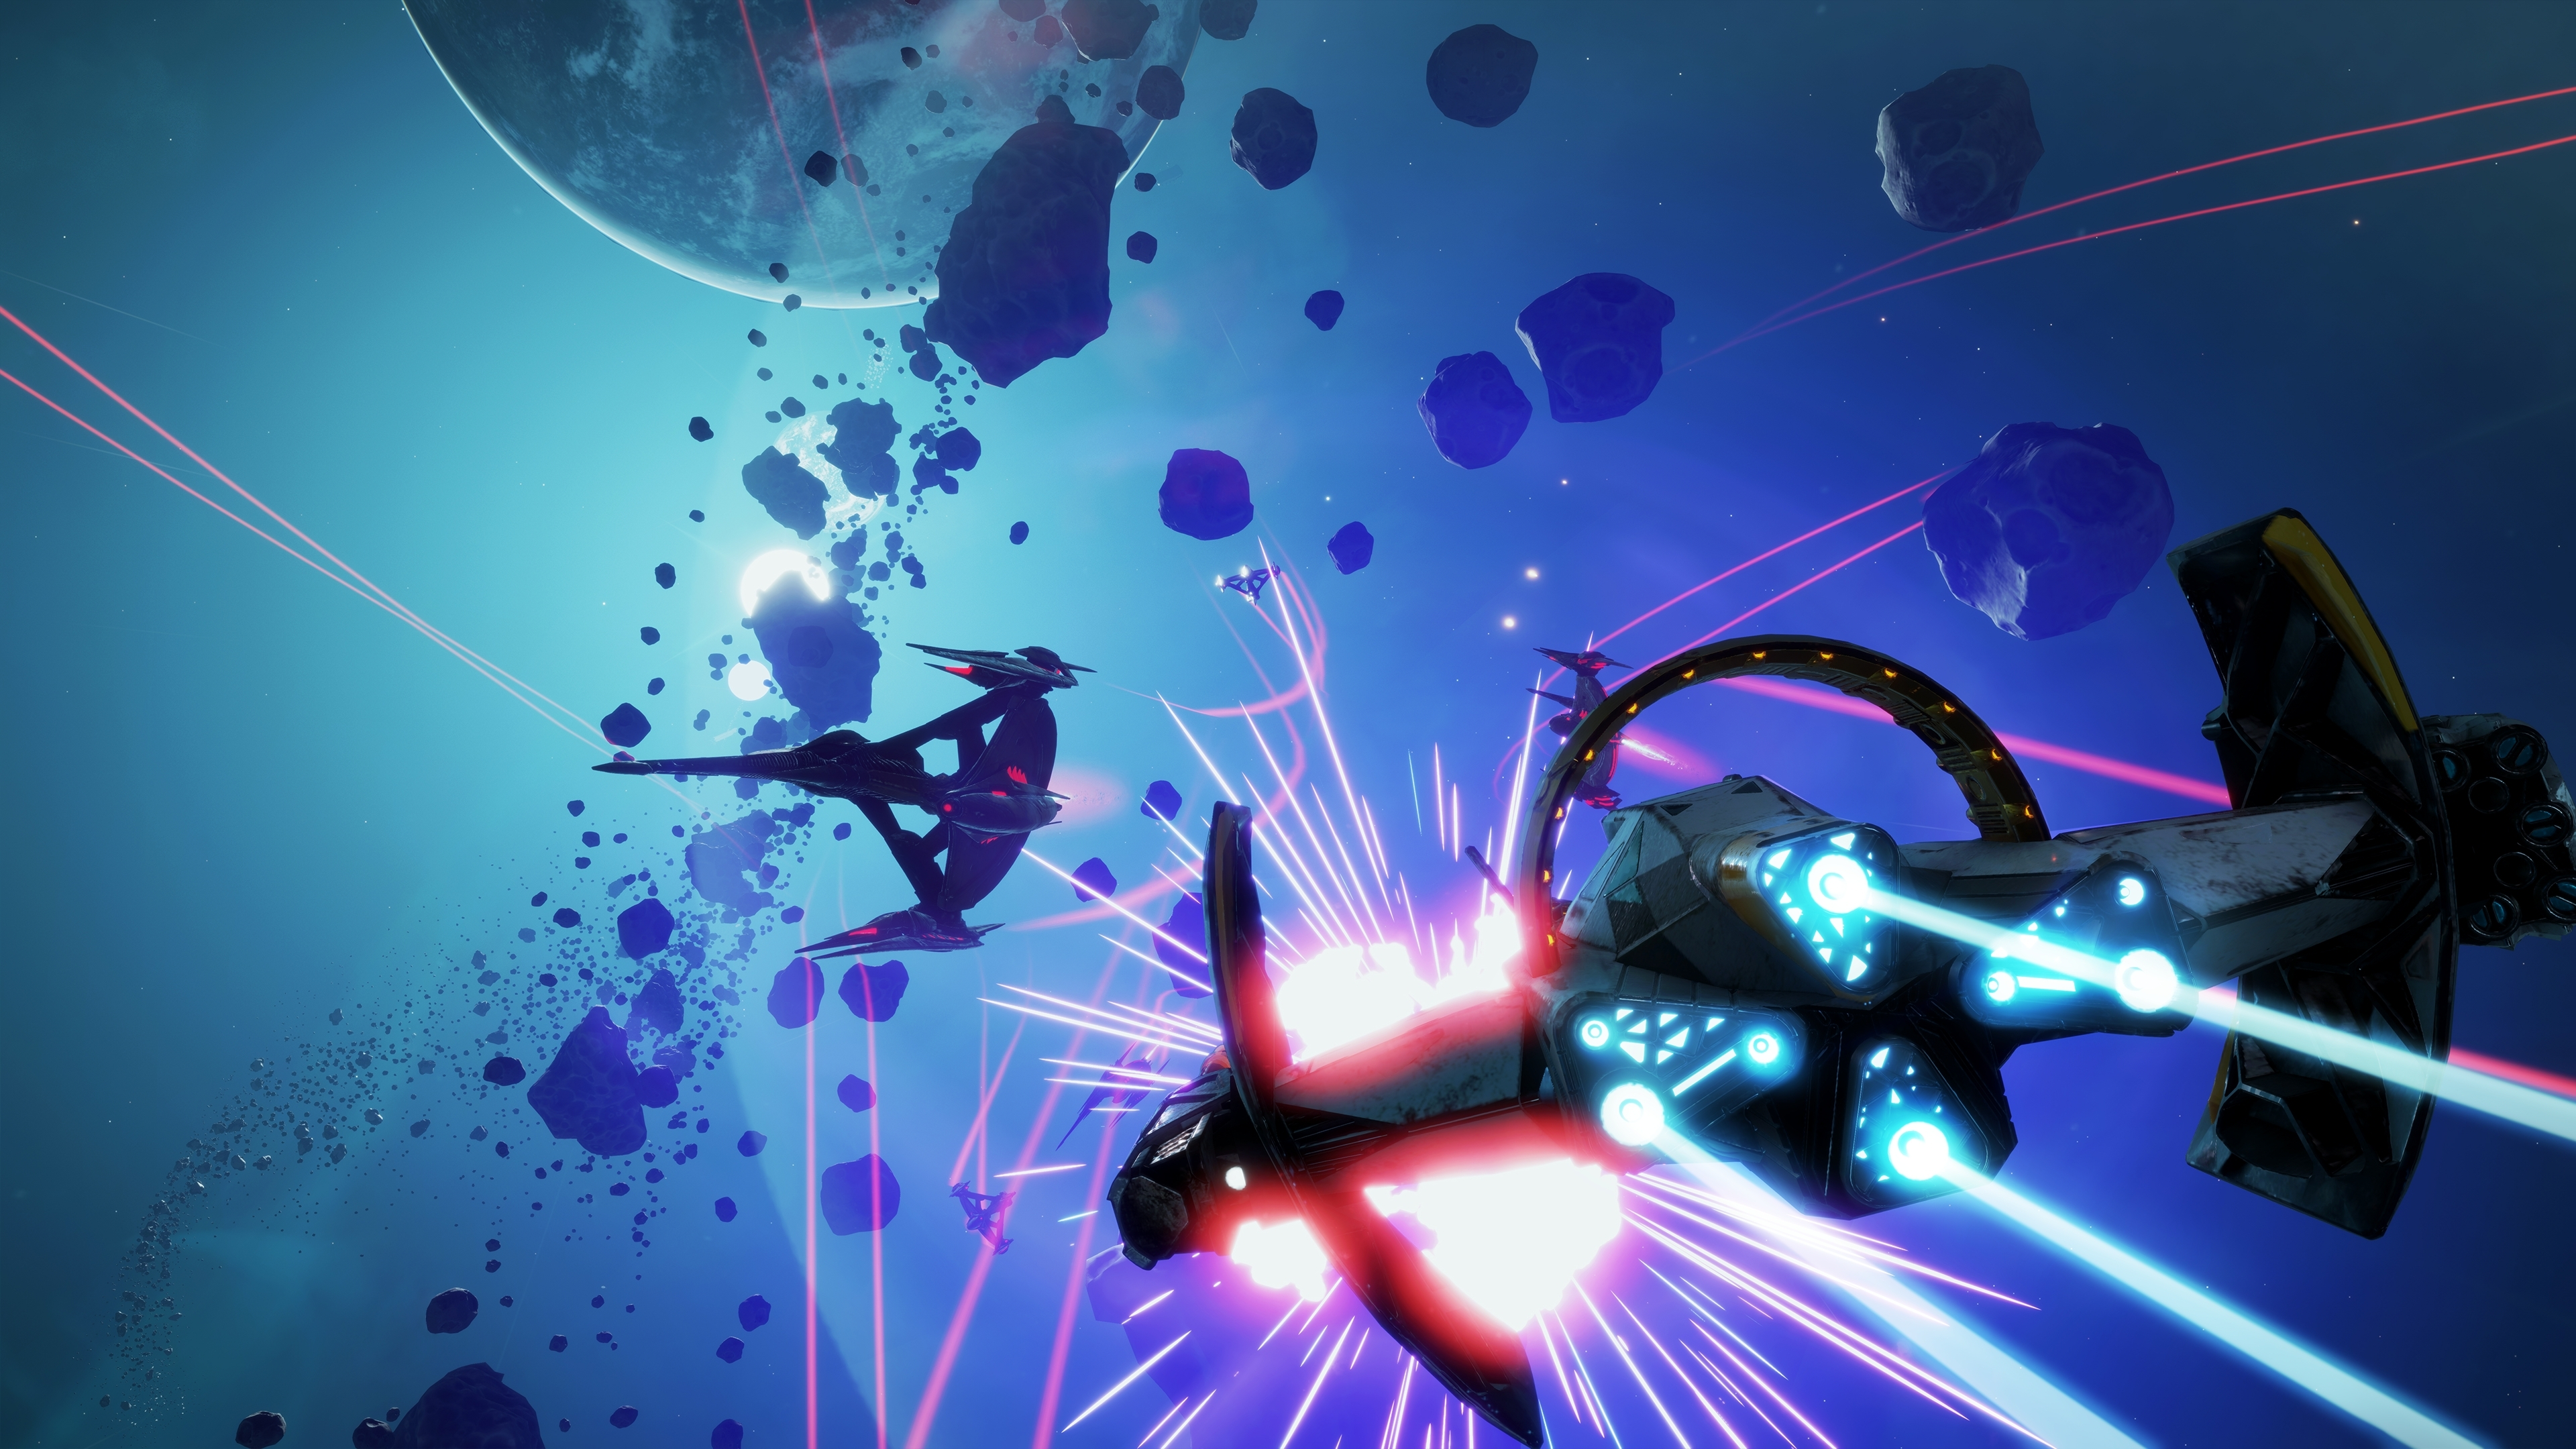 starlink-battle-for-atlas-video-game-e3-2018-4k-pw.jpg